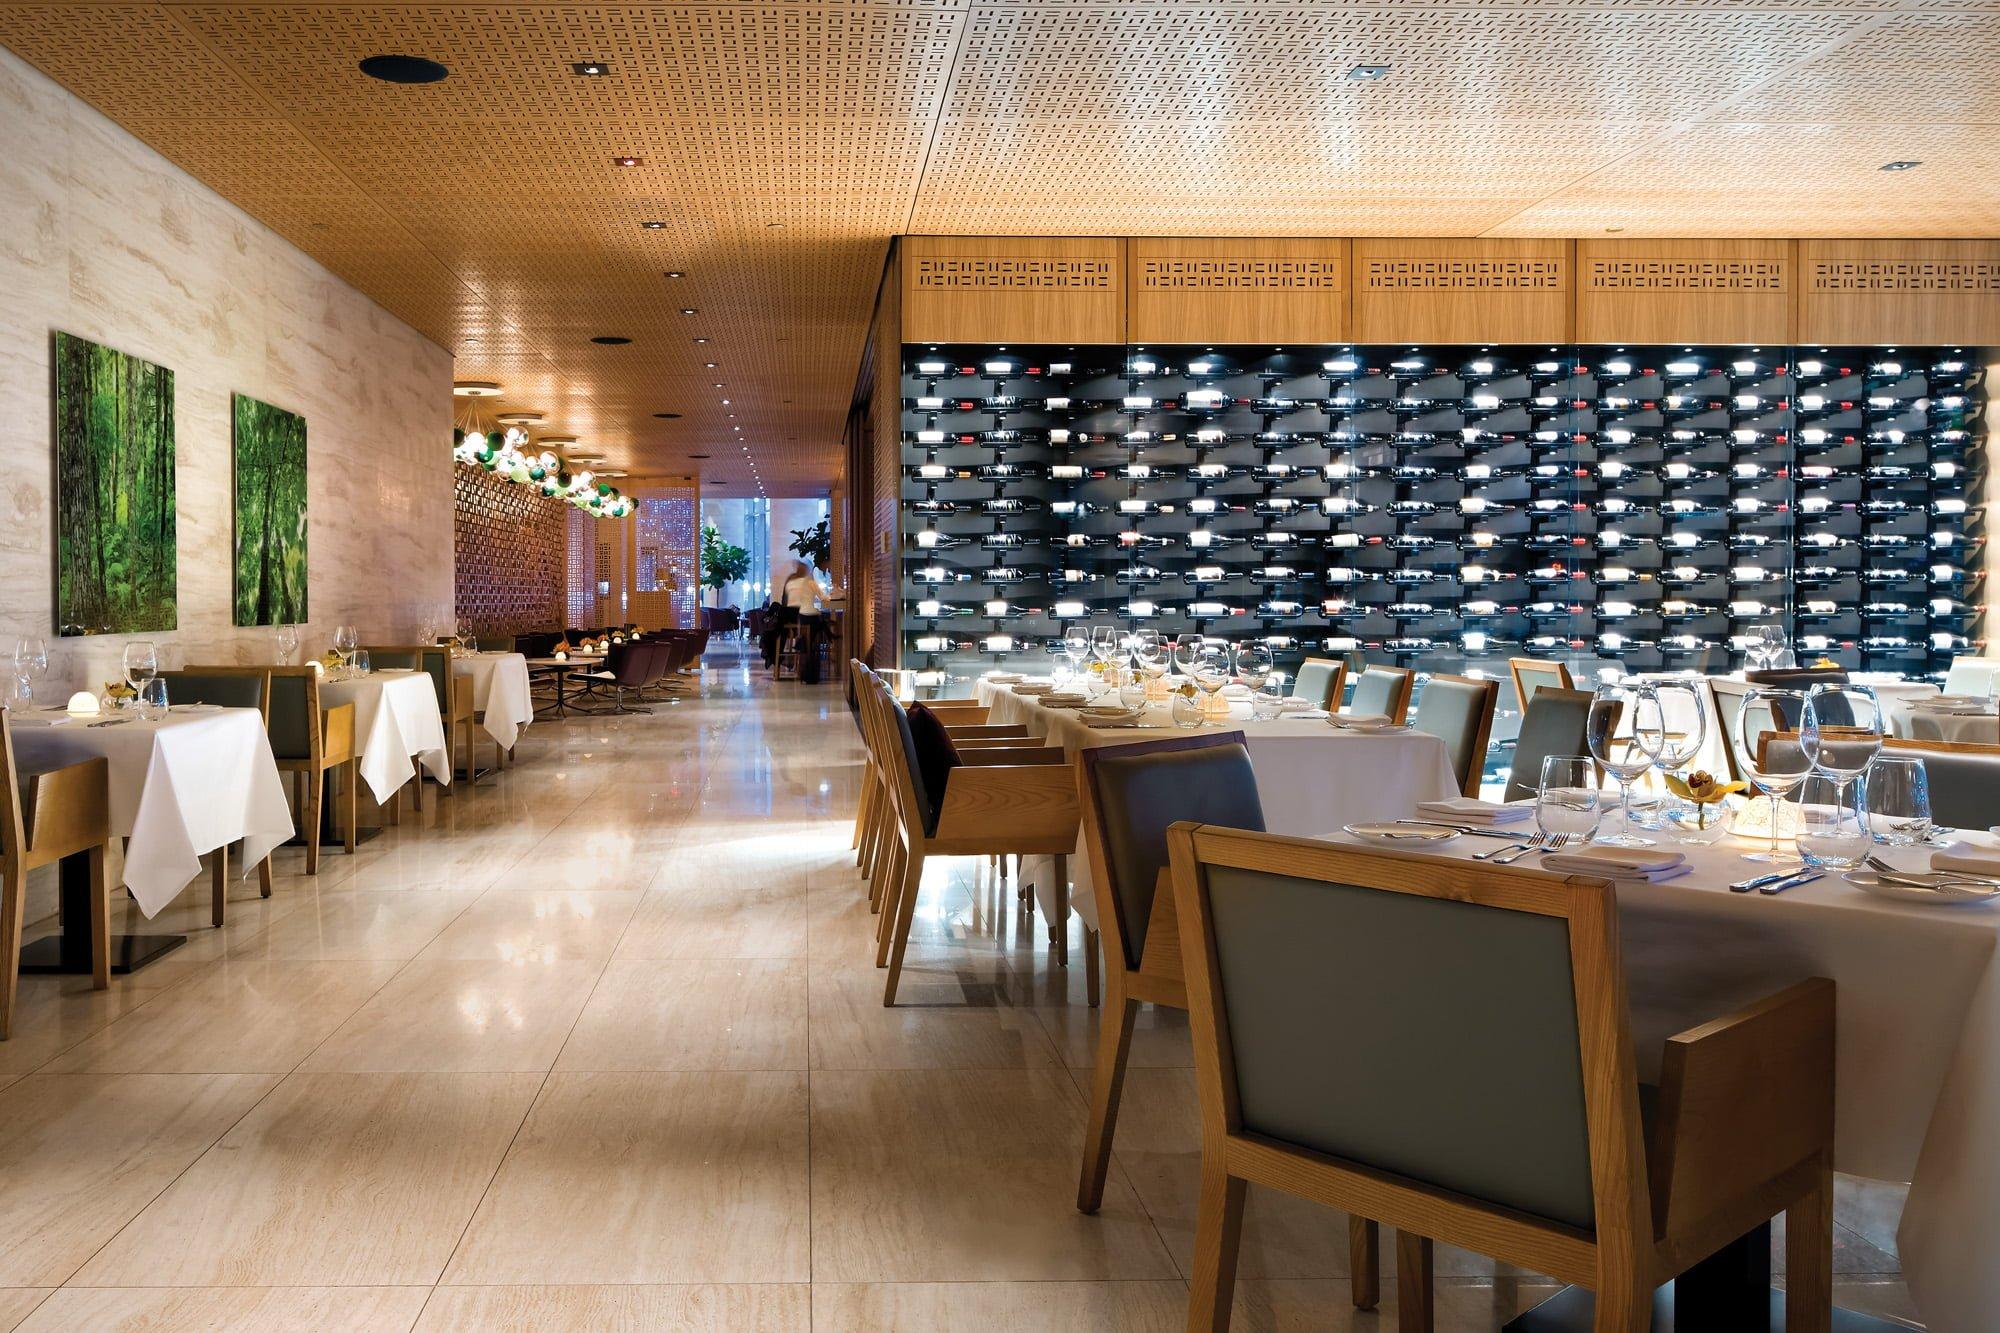 Bosk Dining Room